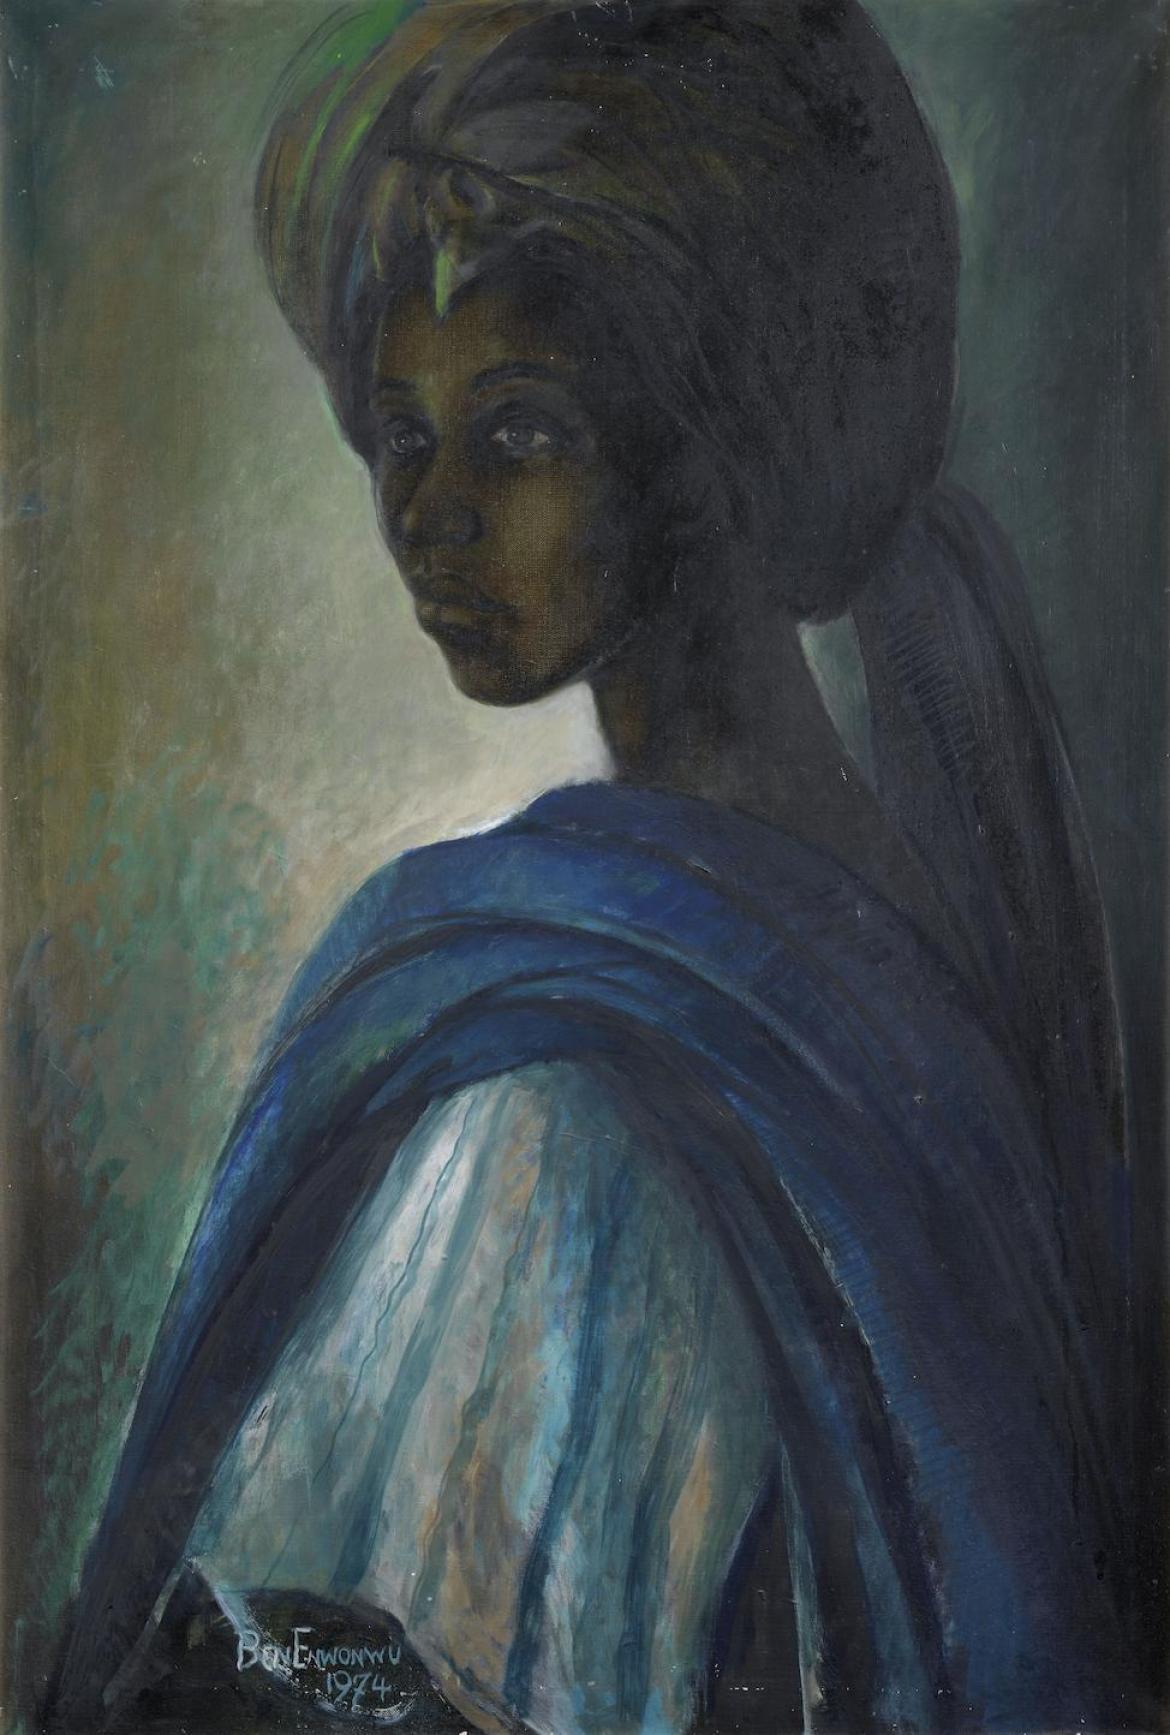 Ben Onwonwu